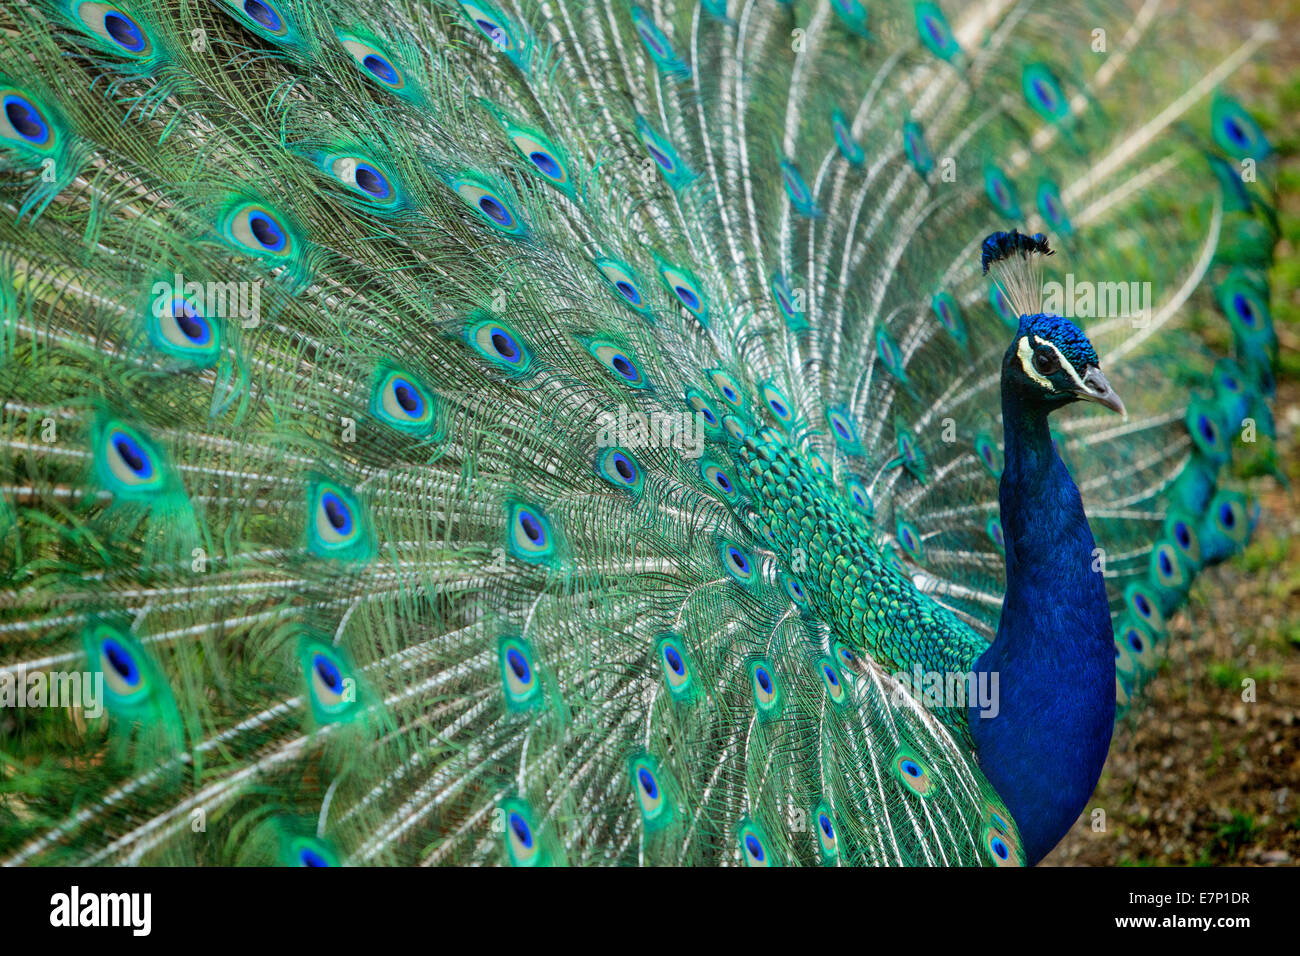 Animals, peacock, zoo Zurich, animals, animal, Zurich, zoo, Switzerland, Europe, Stock Photo